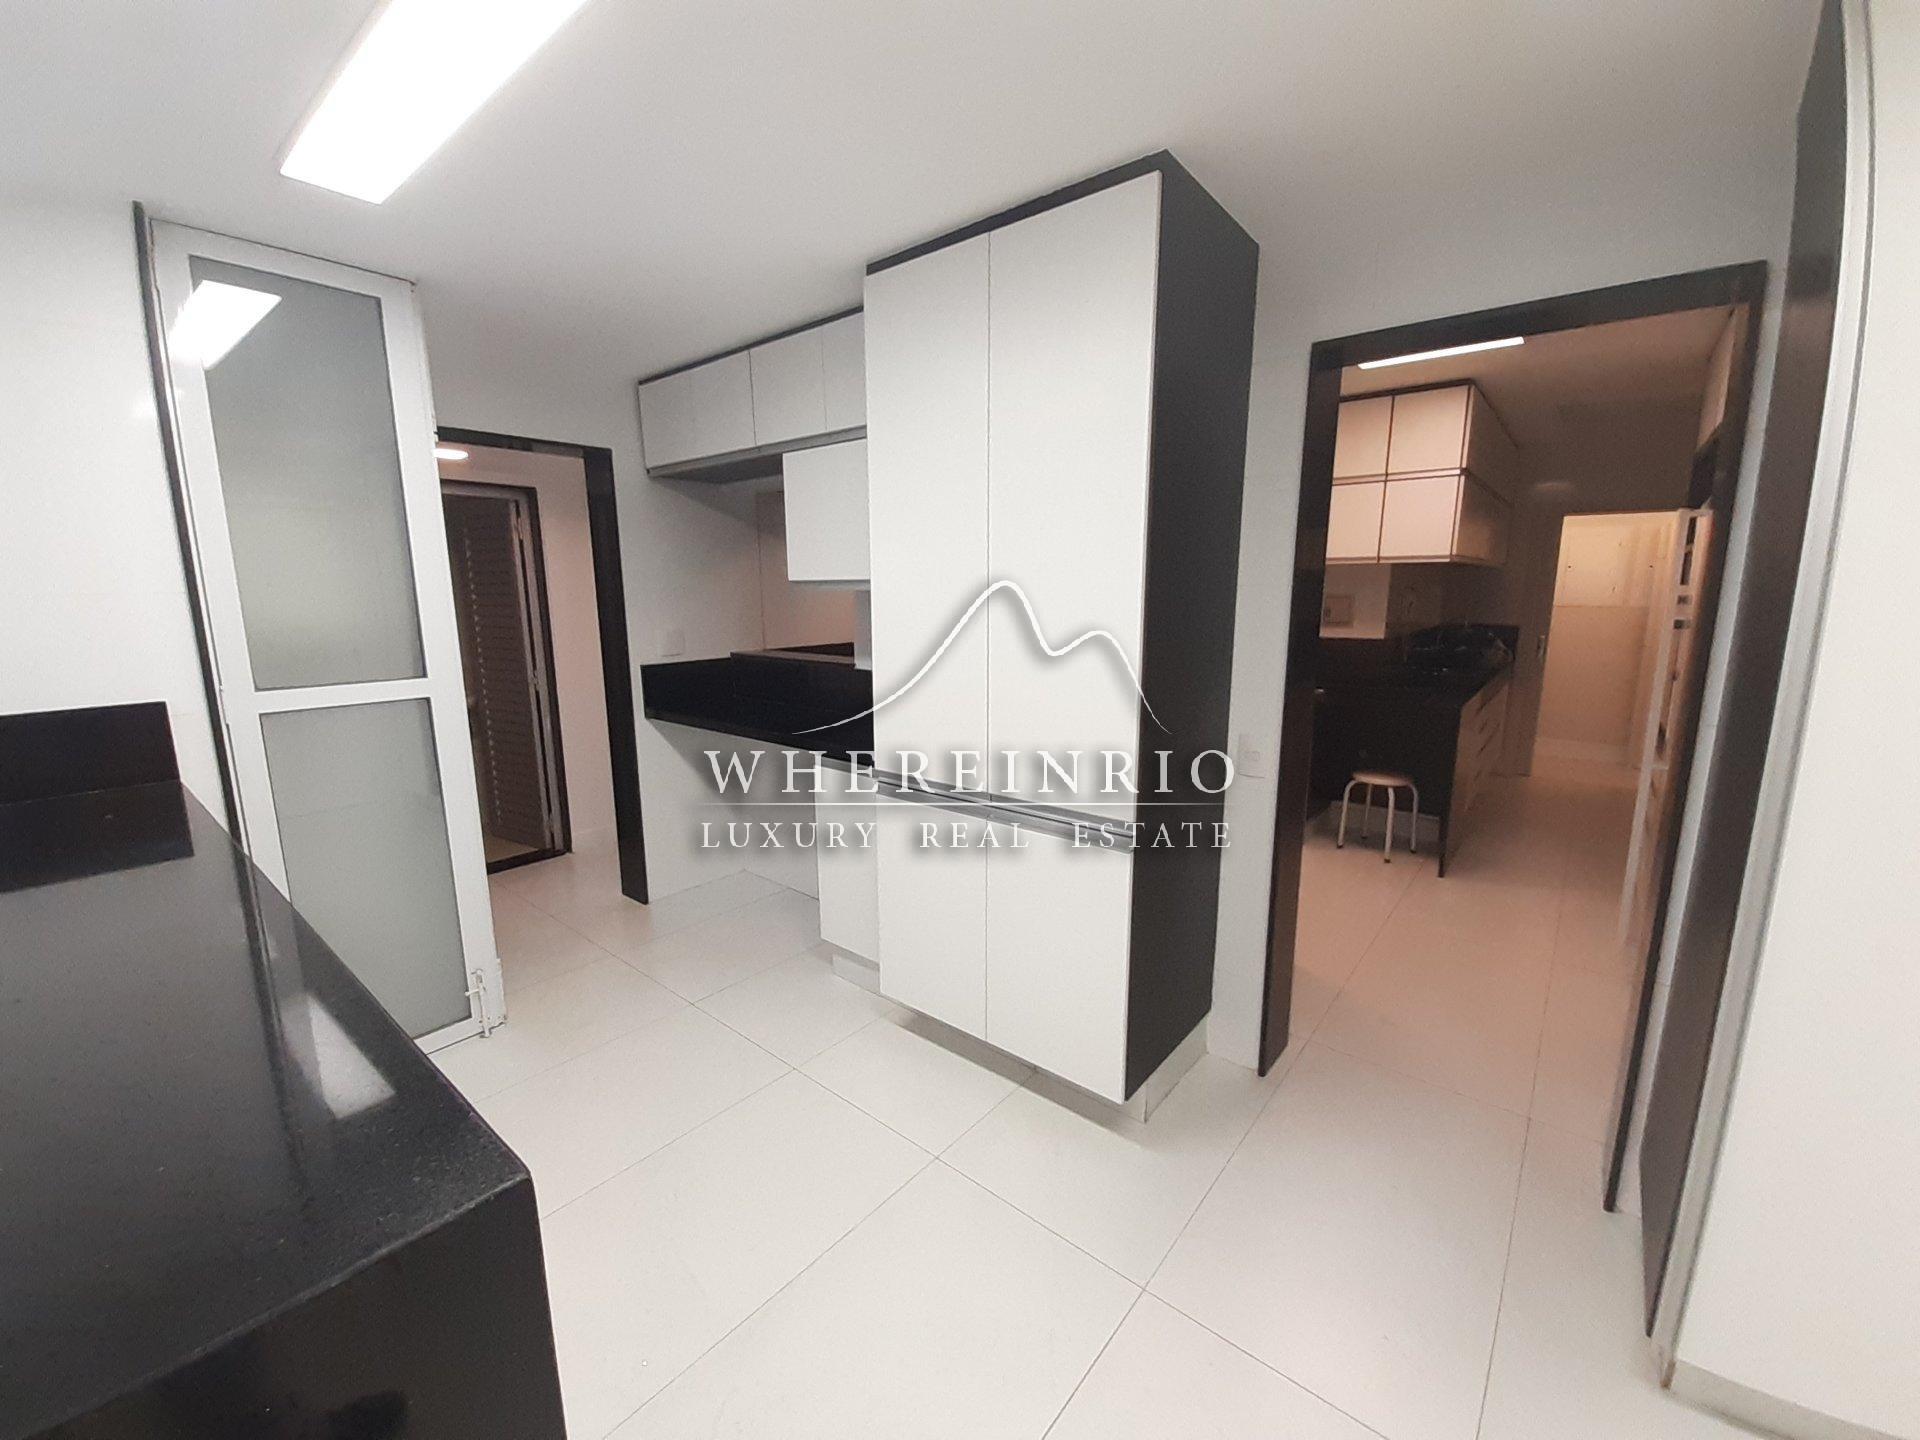 Vente Appartement - Rio de Janeiro Ipanema - Brésil